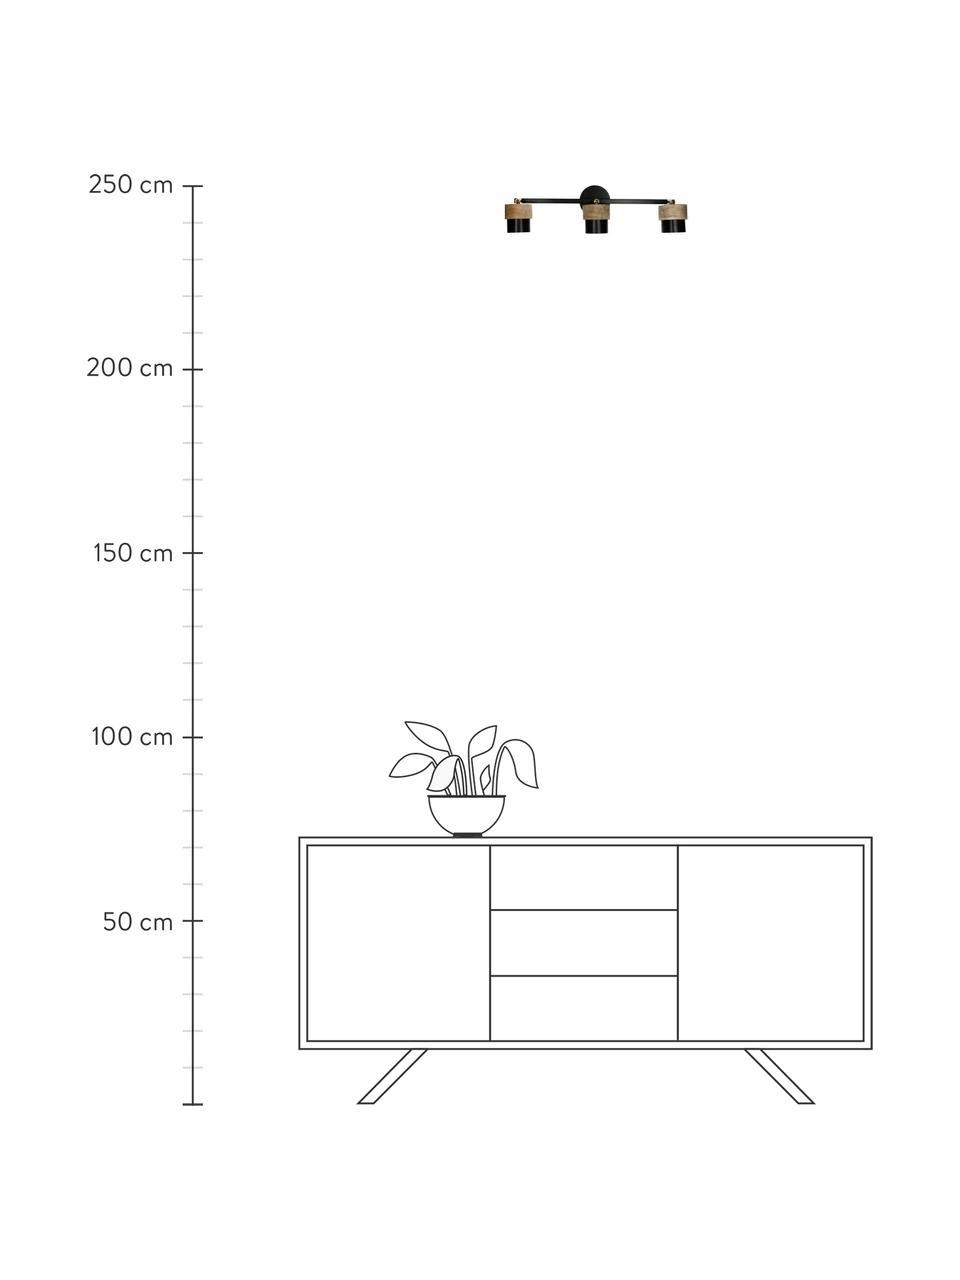 Wand- und Deckenstrahler Susan aus Mangoholz, Lampenschirm: Mangoholz, Metall, beschi, Baldachin: Metall, beschichtet, Dekor: Metall, Schwarz, Braun, Messingfarben, 50 x 14 cm